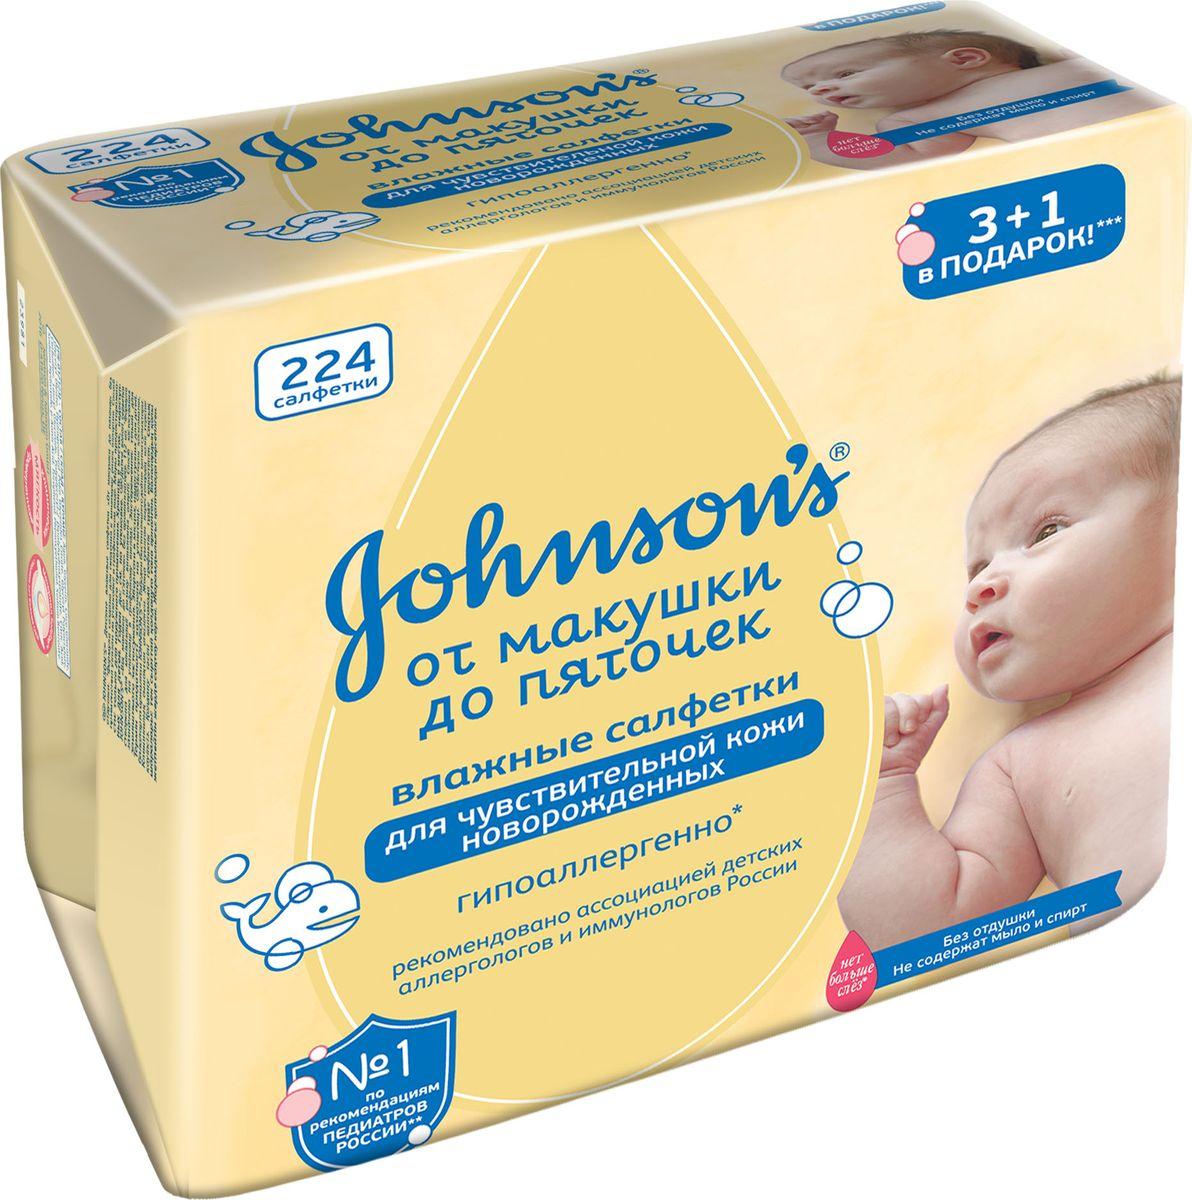 Johnsons Детские влажные салфетки От макушки до пяточек без отдушки, 224 шт3014219150Мягкие салфетки. Успокаивают и смягчают кожицу.А еще защищают от сухости и раздражения, заживляют раны благодаря бактерицидному эффекту.Созданы для защиты, особенно, когда вы находитесь далеко от дома. Нежно деодорируют кожу.Никаких липких ощущений на кожице младенца после применения. Ультра-мягкая текстура, гипоалергенный материал.Без спирта.Достоинства: Приятно пахнут, хорошо вытирают, отлично очищают,Отмывают руки, убивают микробы.